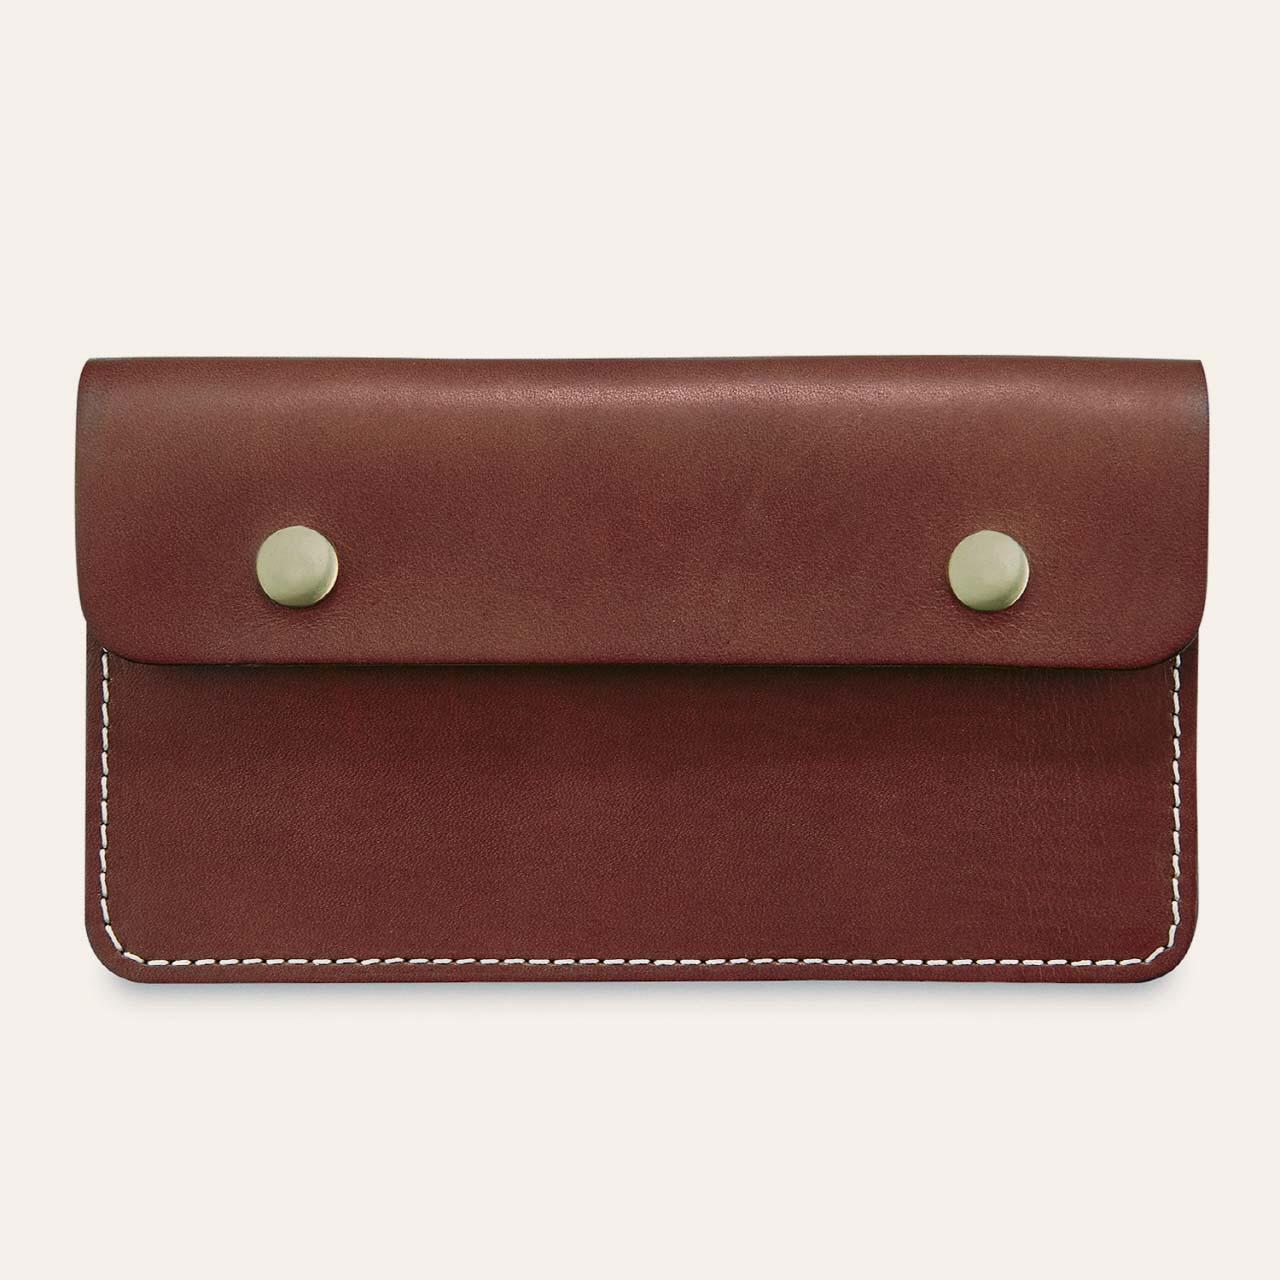 트러커 지갑 95007 - 오로러셋 프론티어